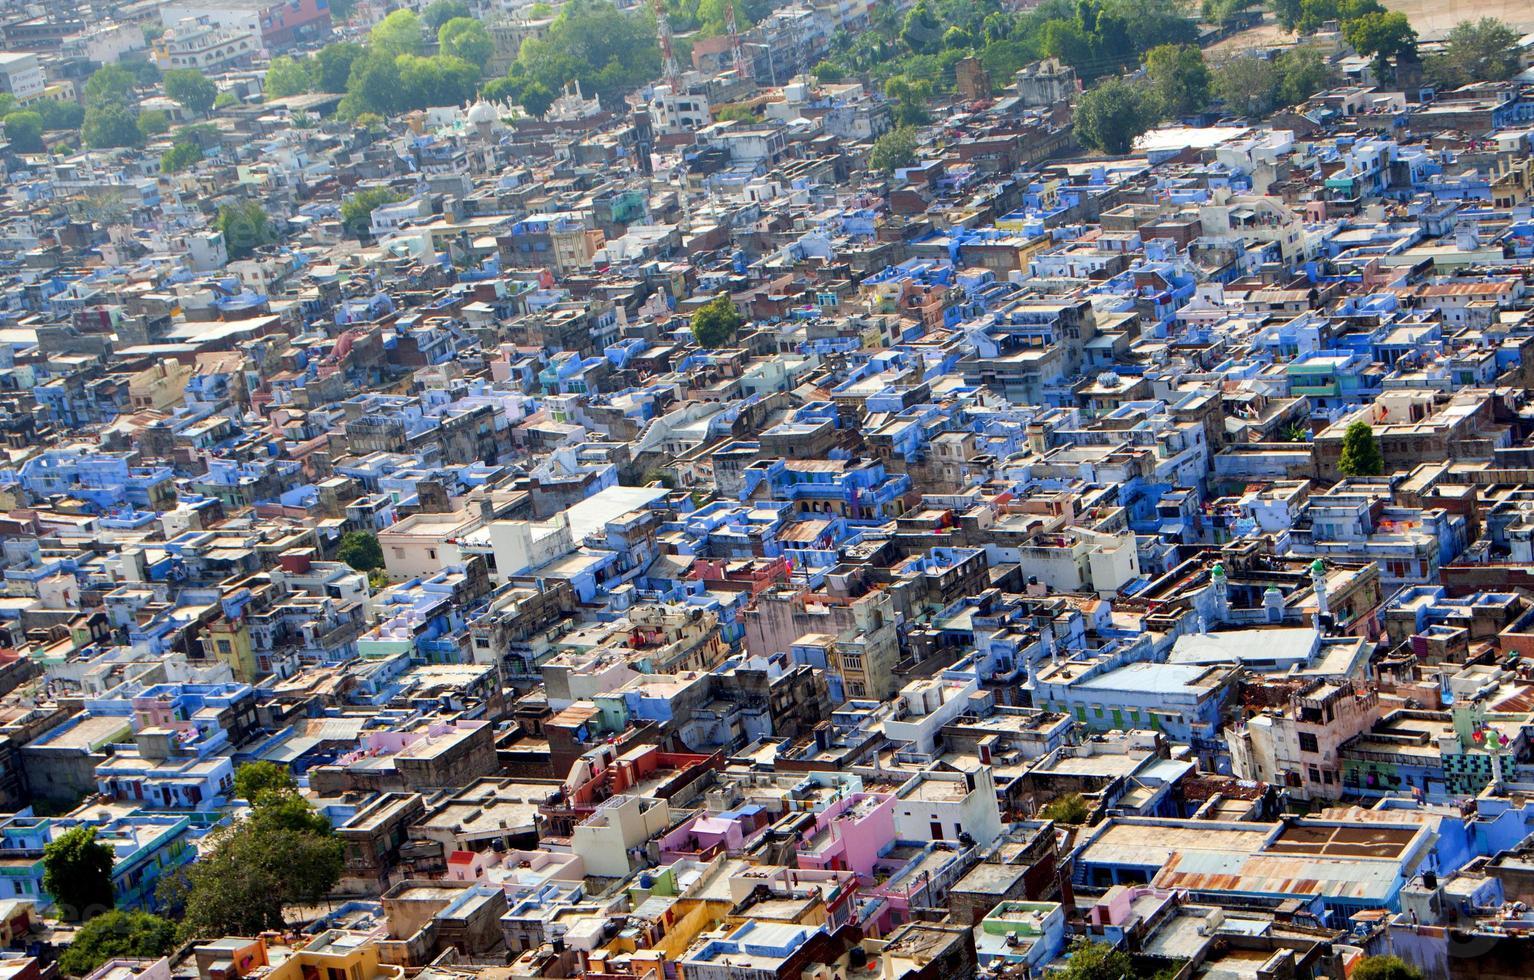 vista de la ciudad de chittorgarh desde el fuerte de chittorgarh, foto